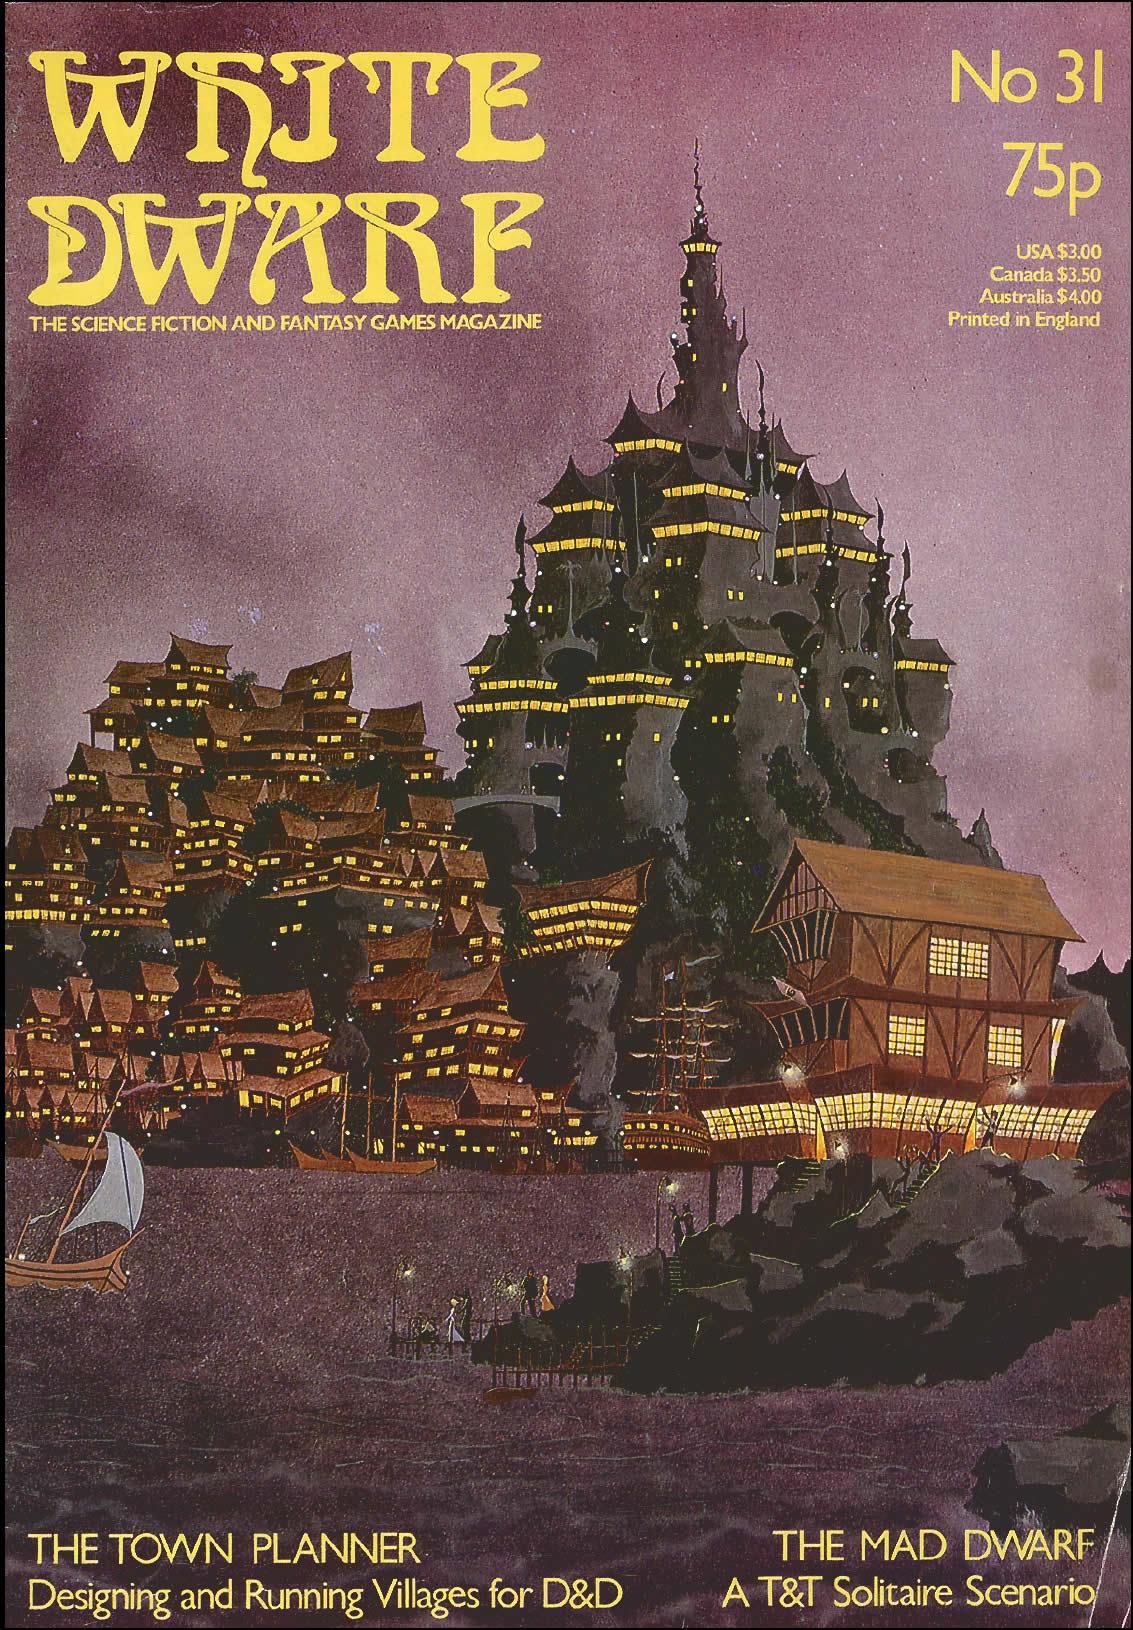 White Dwarf 31